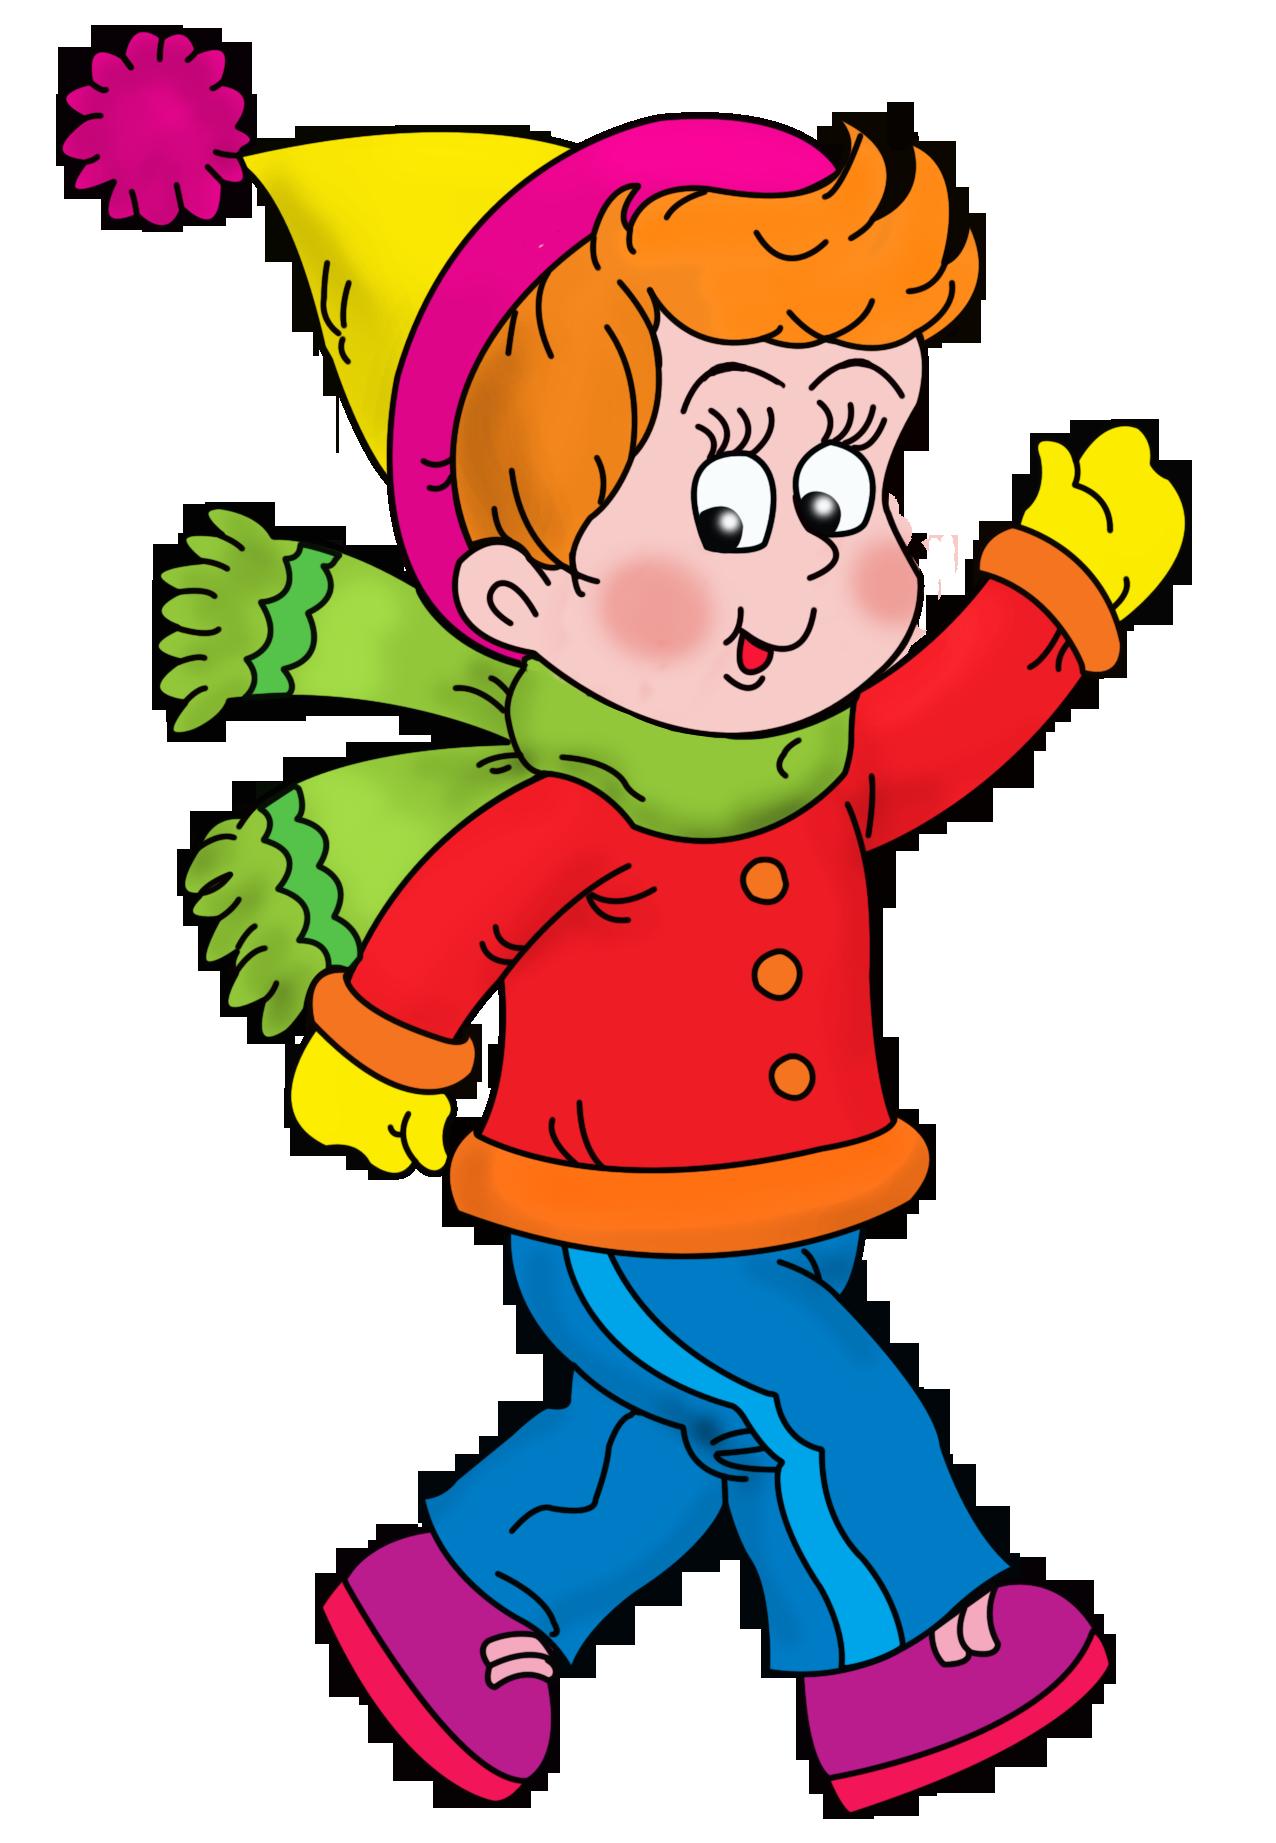 Картинка идущего ребенка